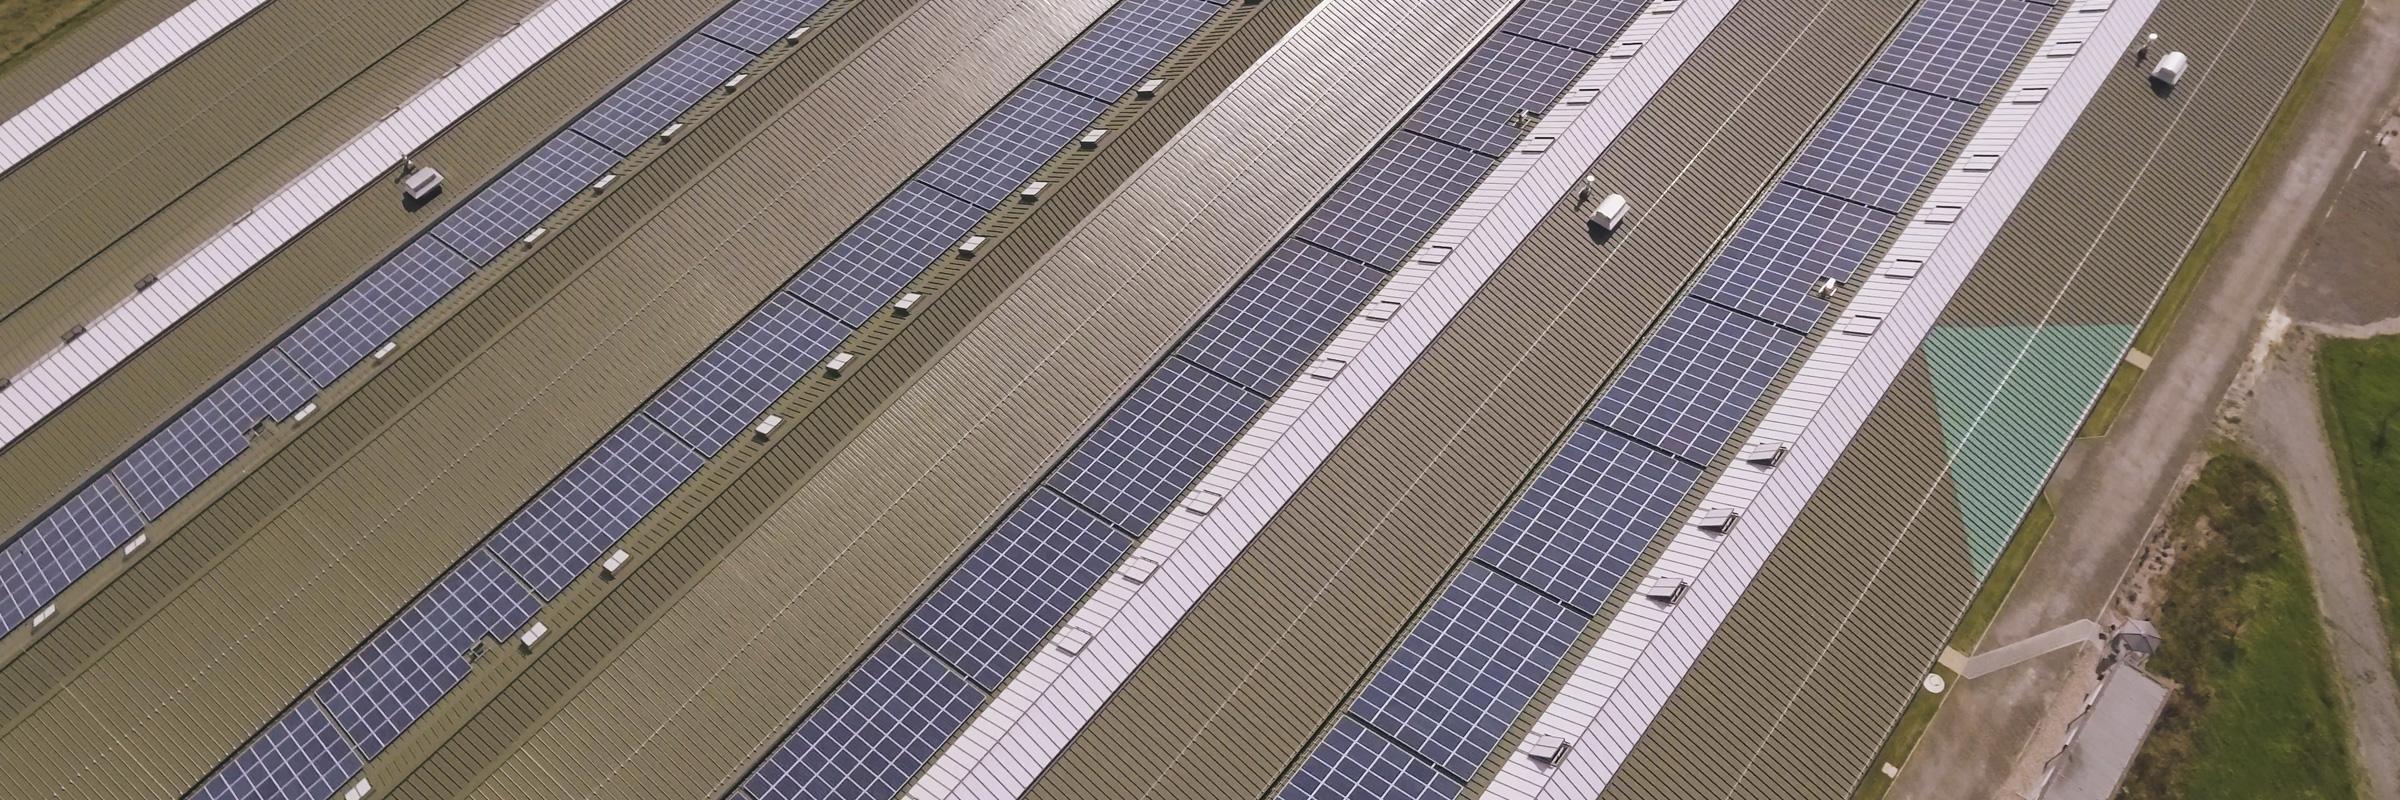 Dachverkleidung Hoffman Firmengruppe - Partner für Dach, Fassade, Haustechnik, Sanierung